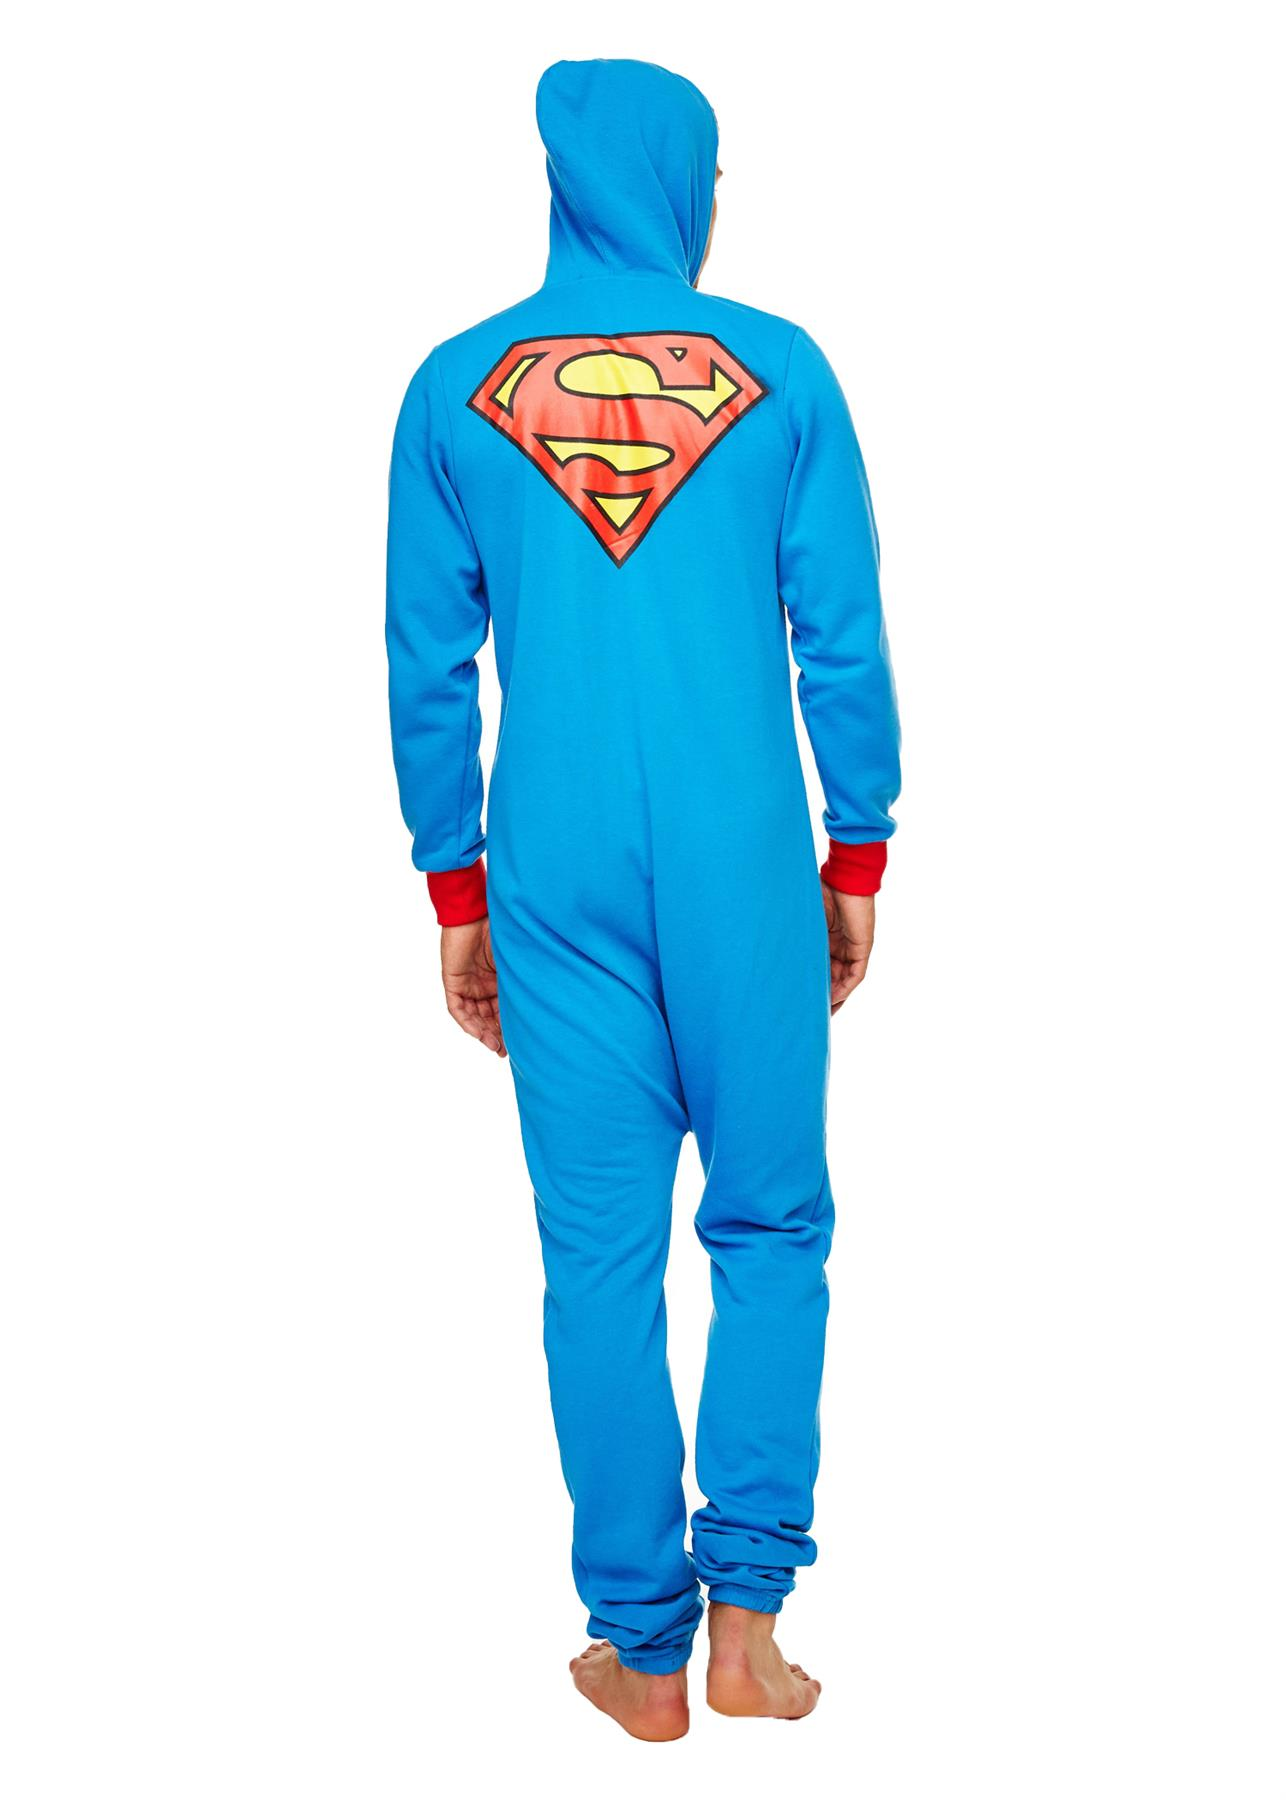 Homme-Deadpool-Superman-Darth-Vader-a-Capuche-Combinaison-Fermeture-Eclair-Tout-En-Un-1-Grenouillere miniature 8